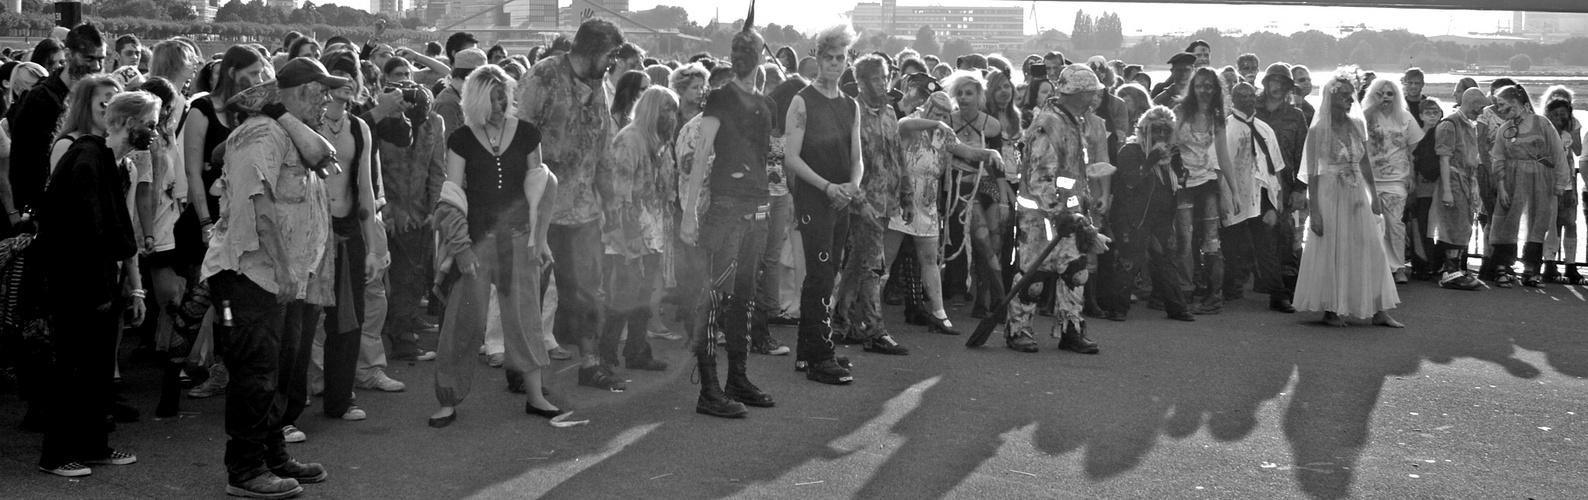 zombiewalk 3